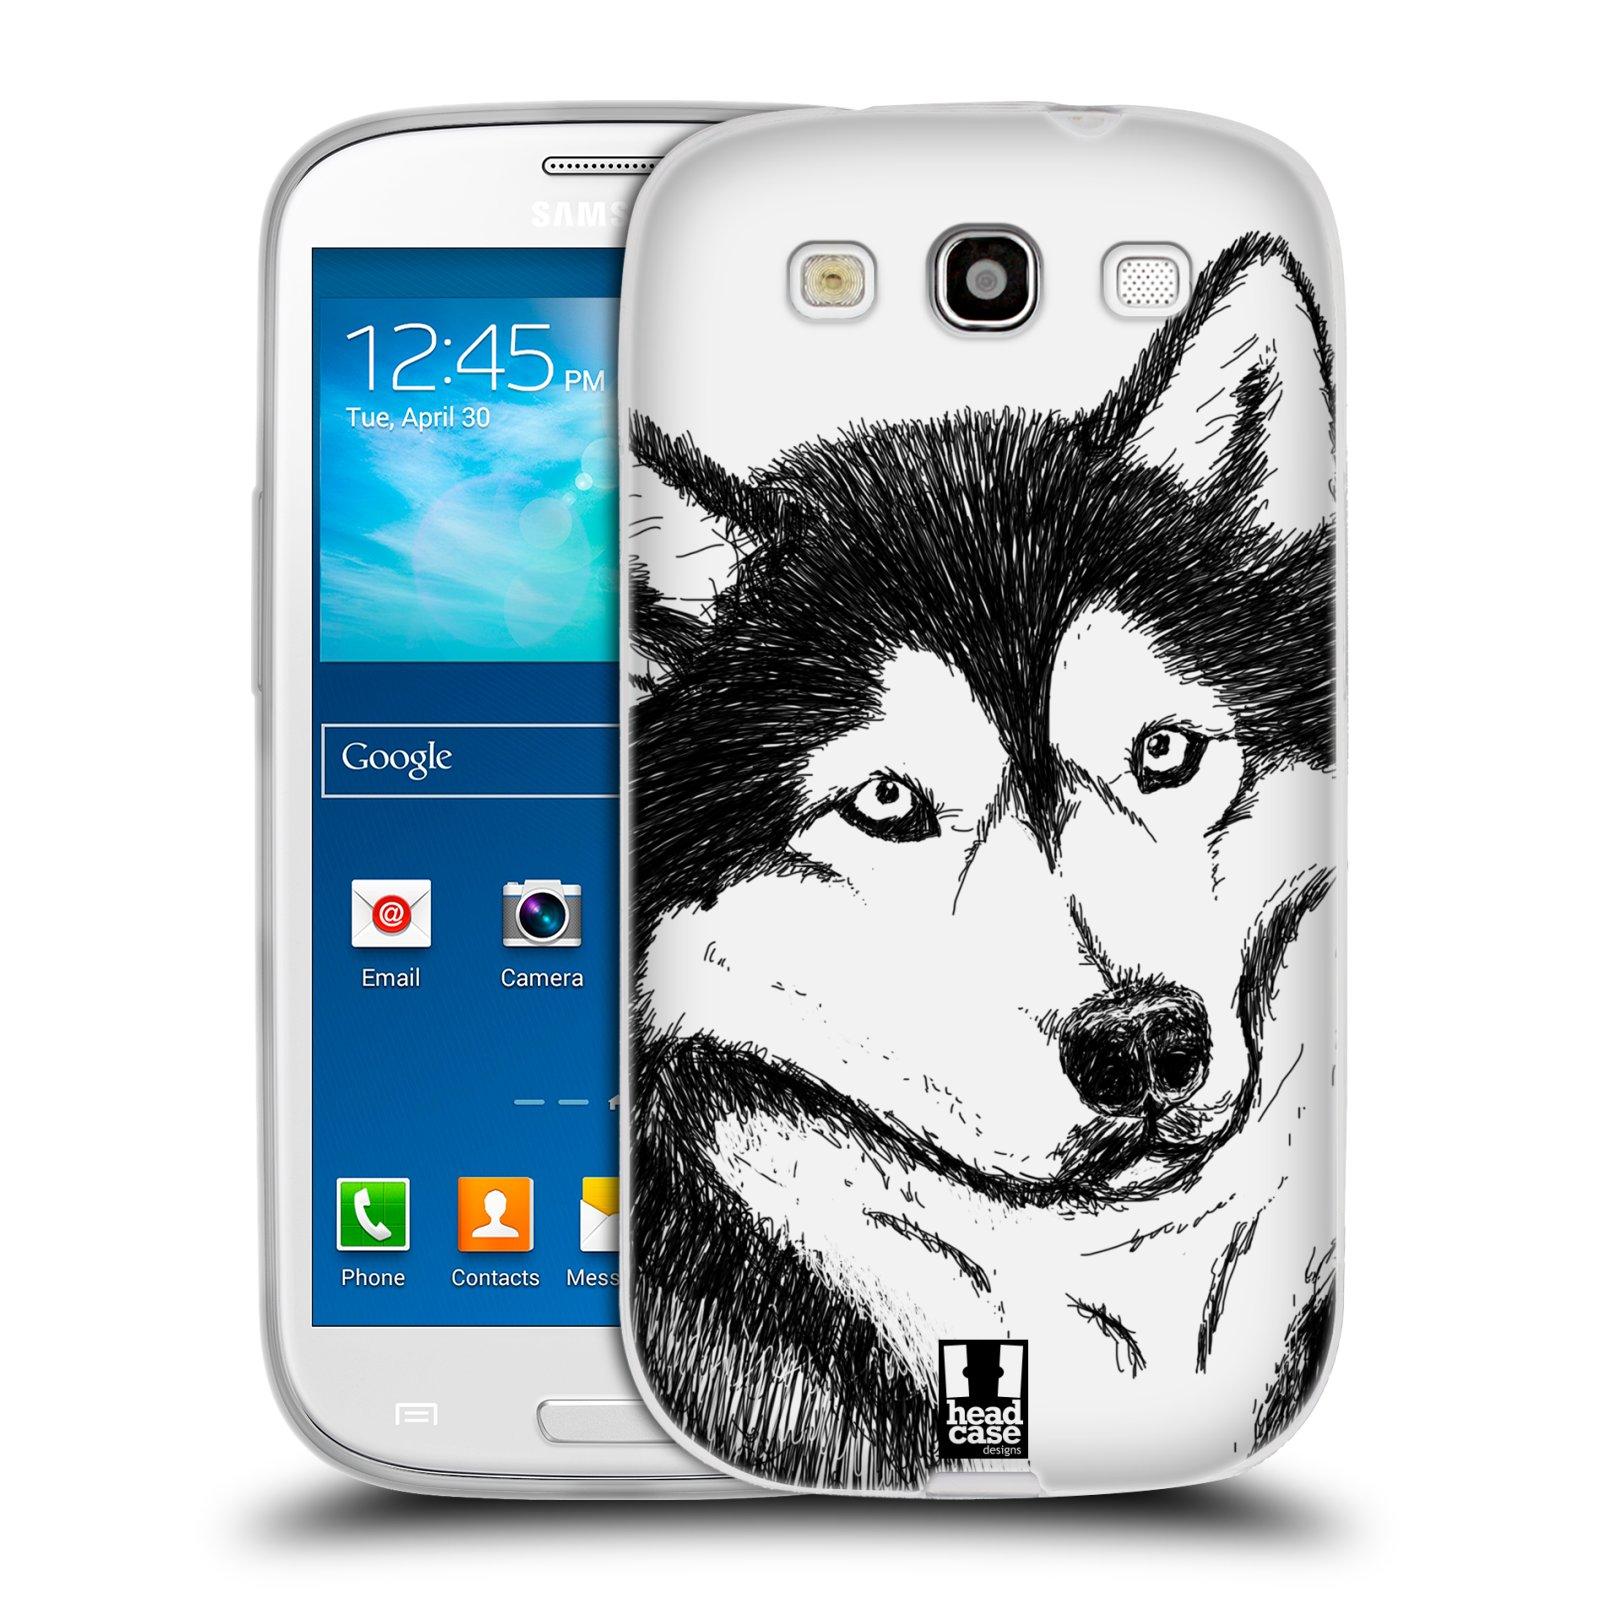 HEAD CASE silikonový obal na mobil Samsung Galaxy S3 i9300 vzor Kreslená zvířátka černá a bílá pes husky